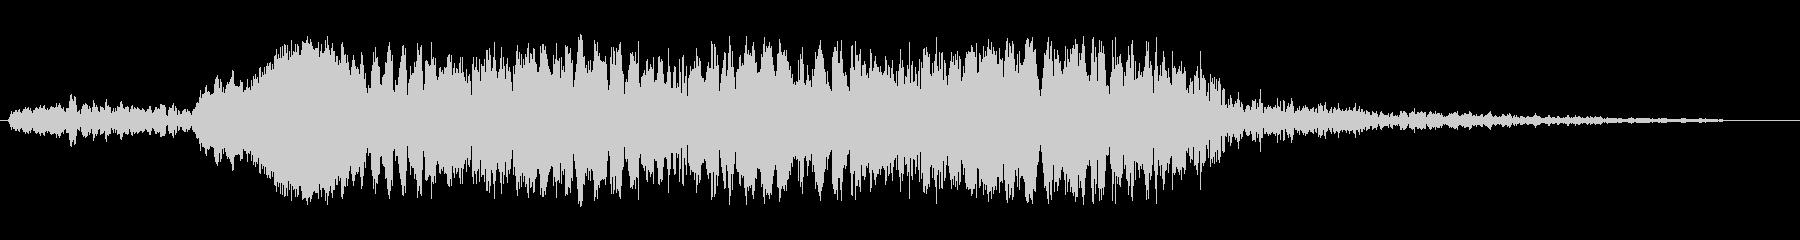 プワプワプワプワン(シンセ系ブリブリ音)の未再生の波形